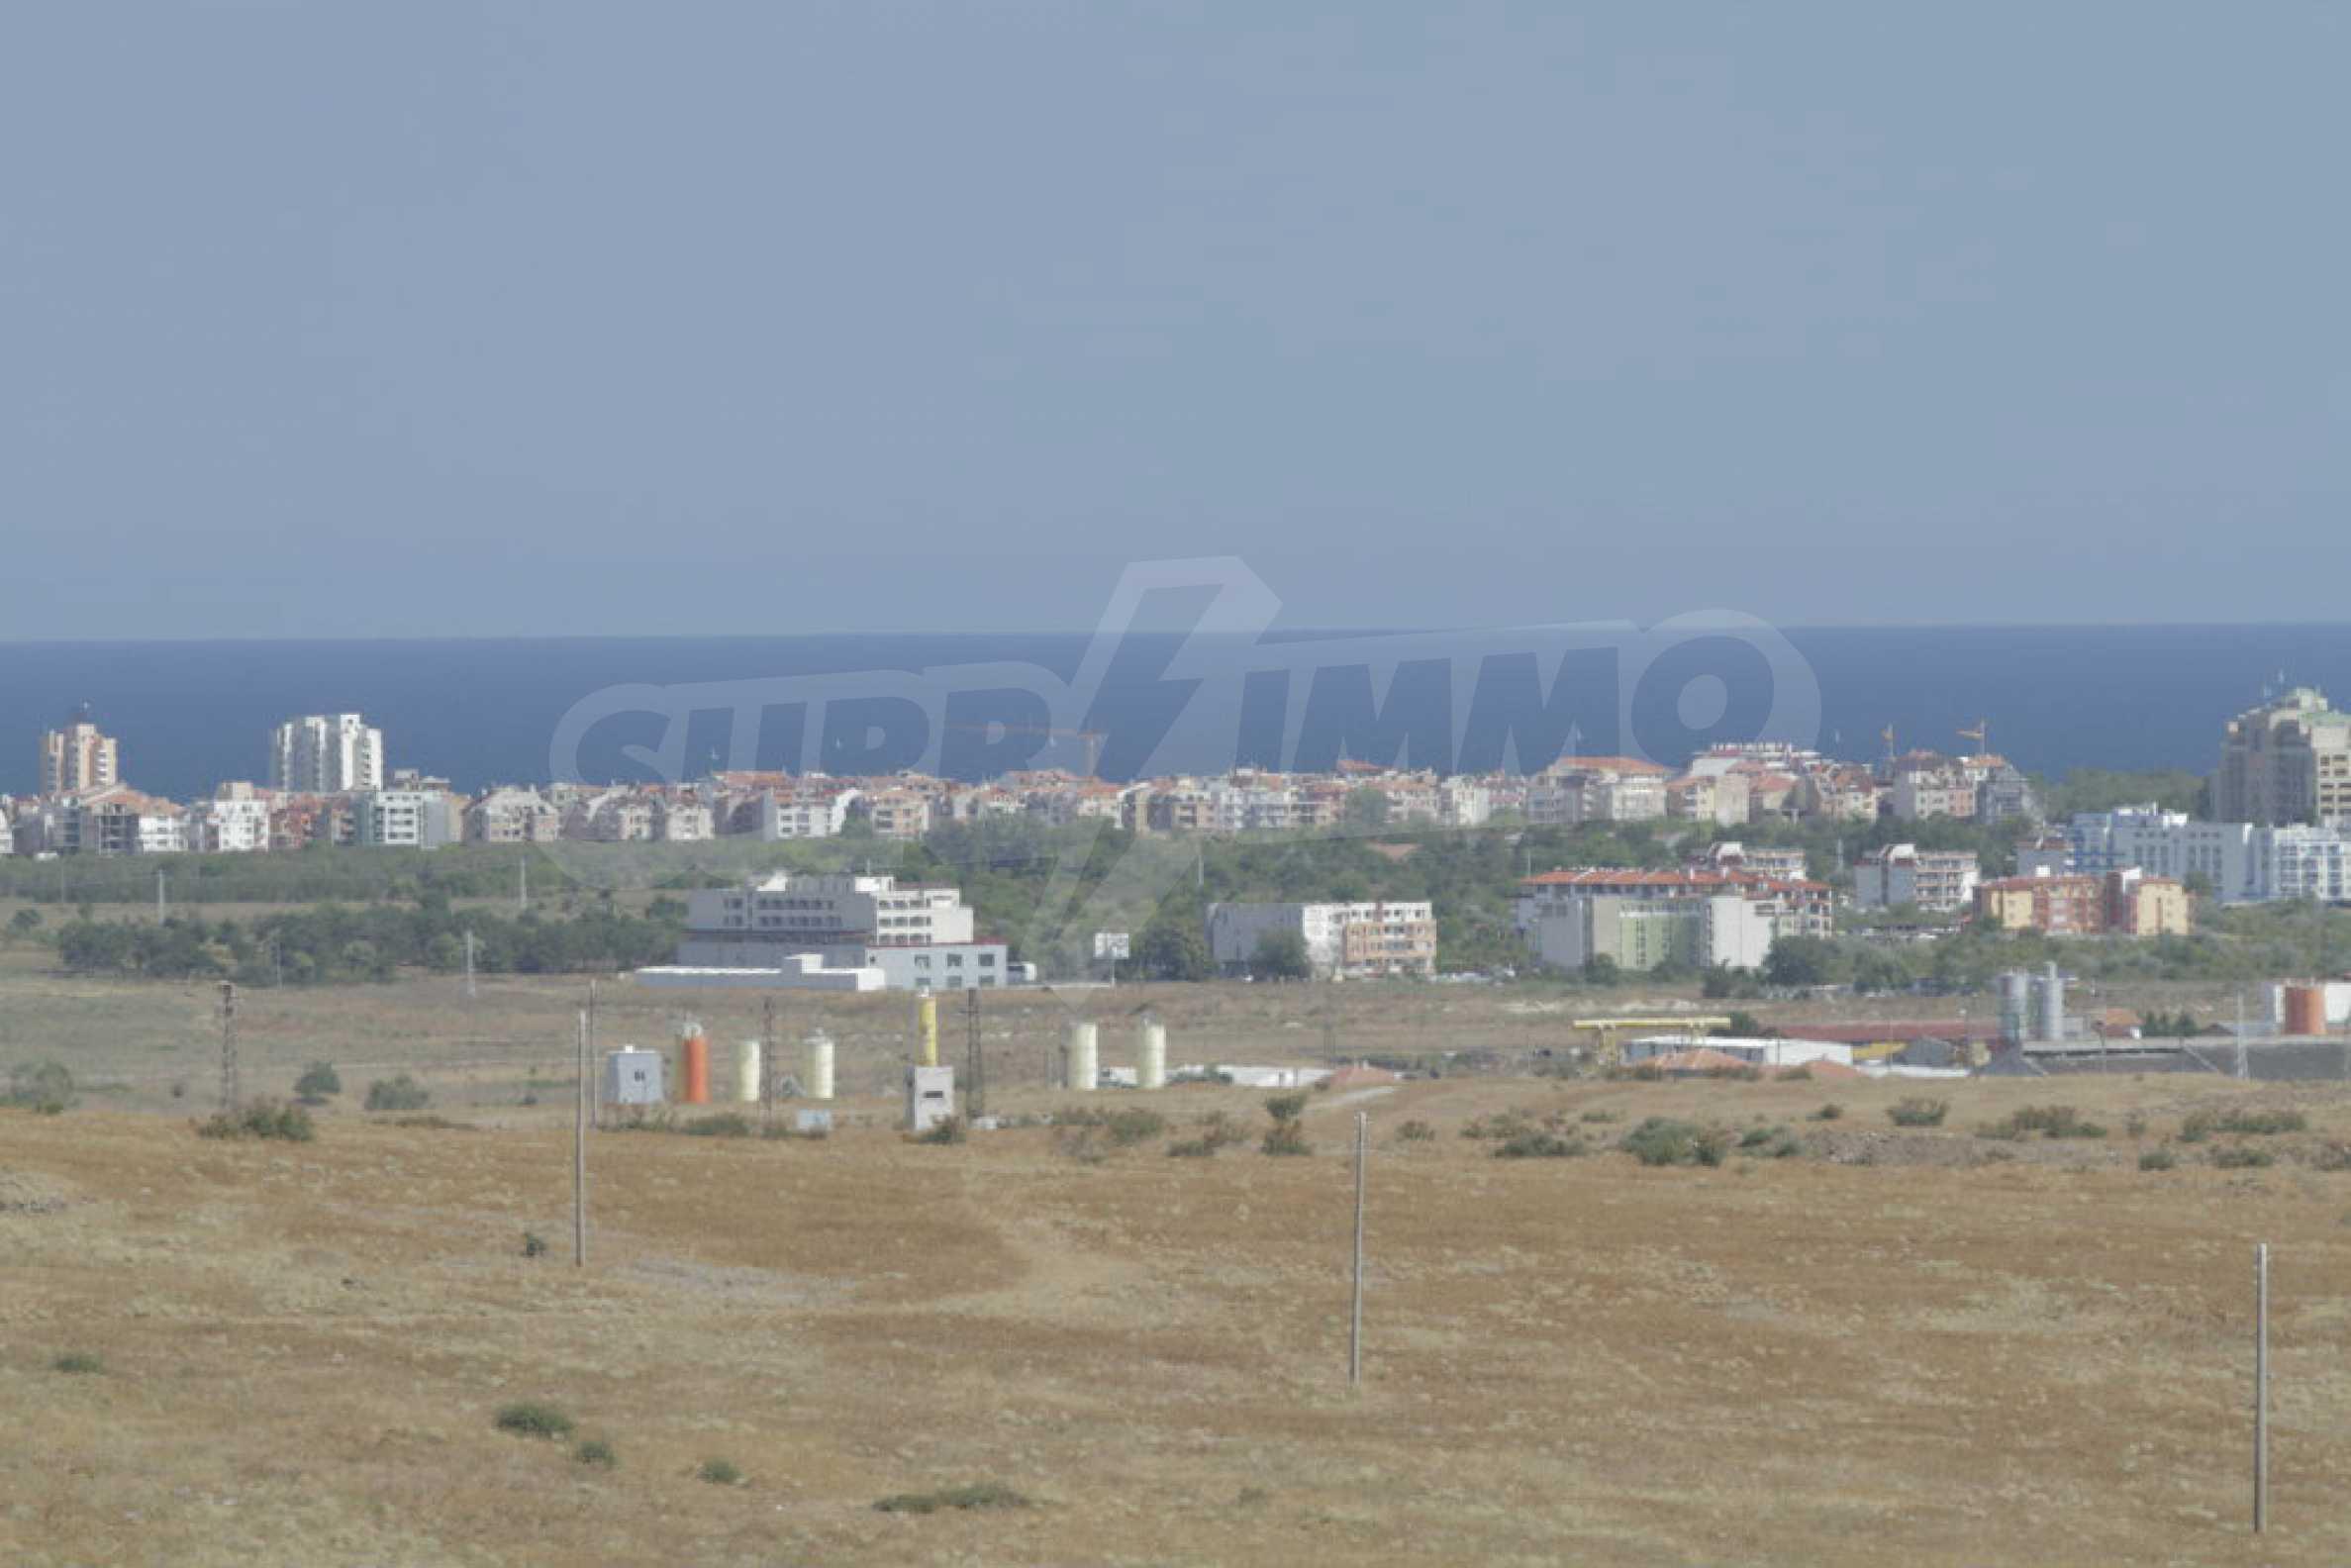 Attraktives Grundstück für Investieren in der Nähe des historischen Komplexes Aheloy 917 und Sonnenstrand, bei Tankowo und Aheloy 19